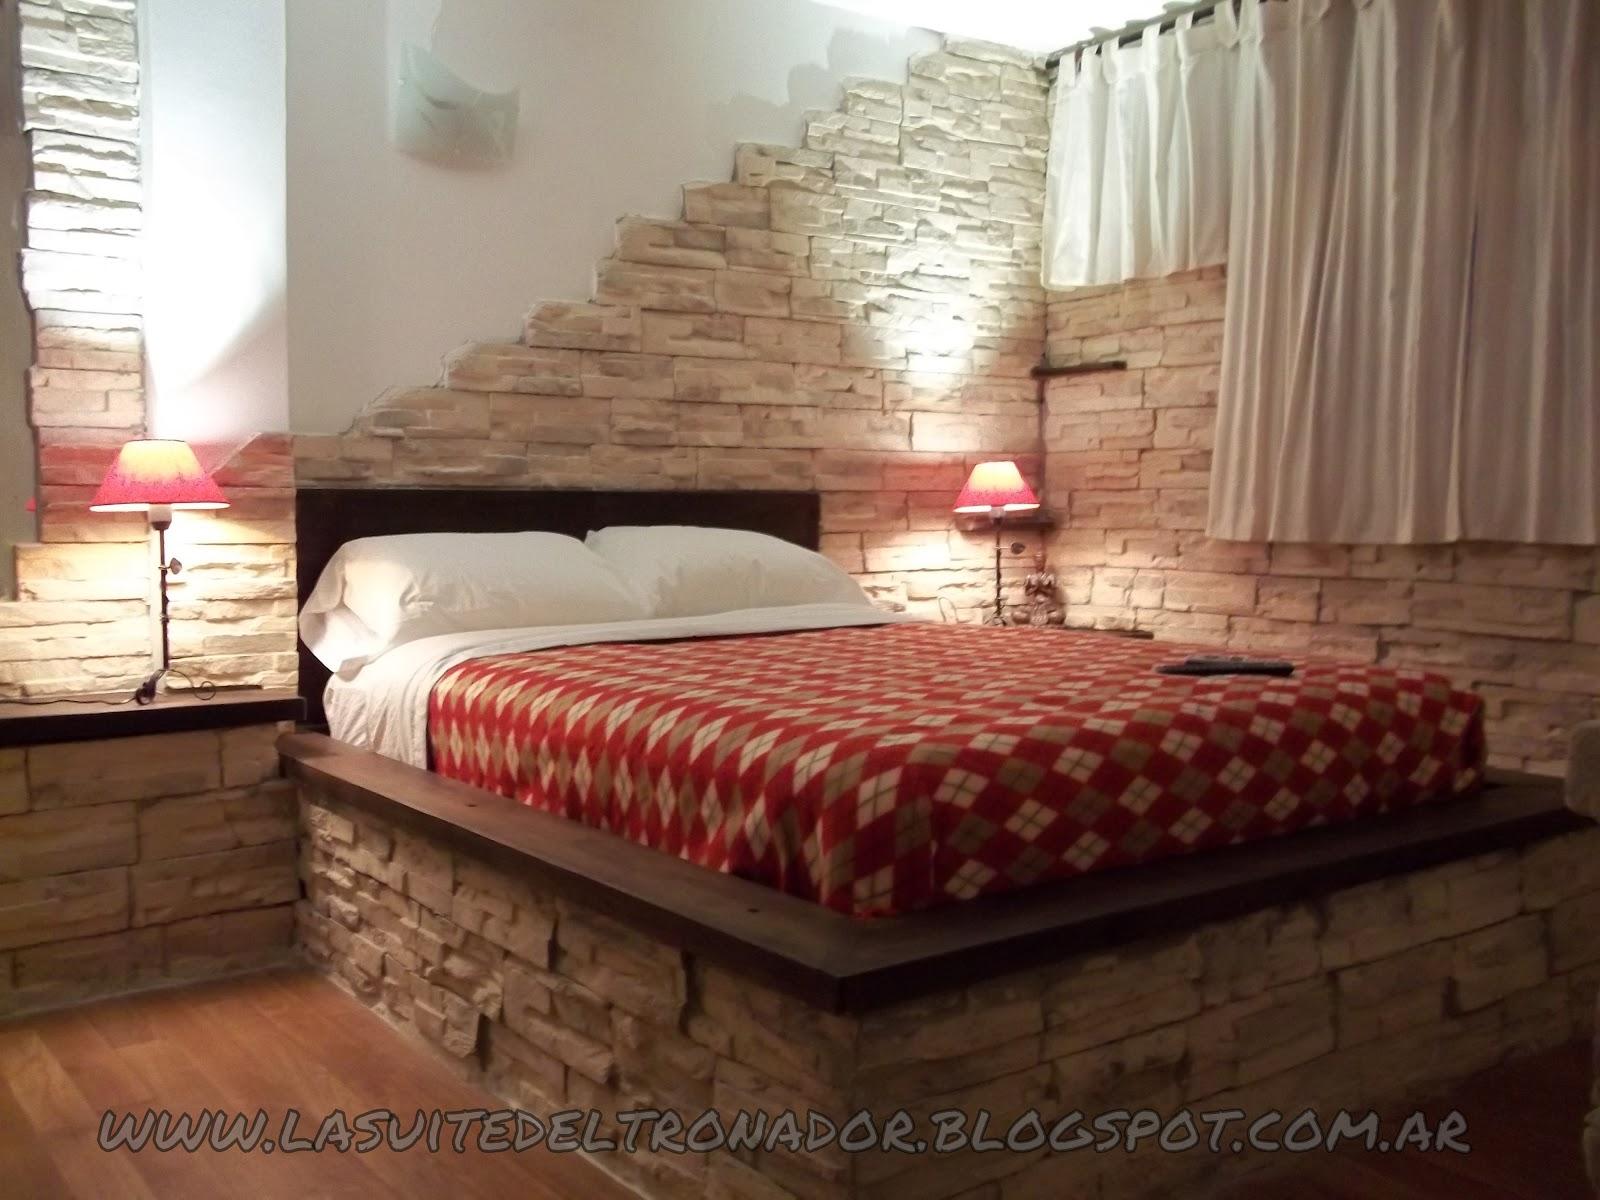 La suite del tronador fotos - Paredes piedra natural ...